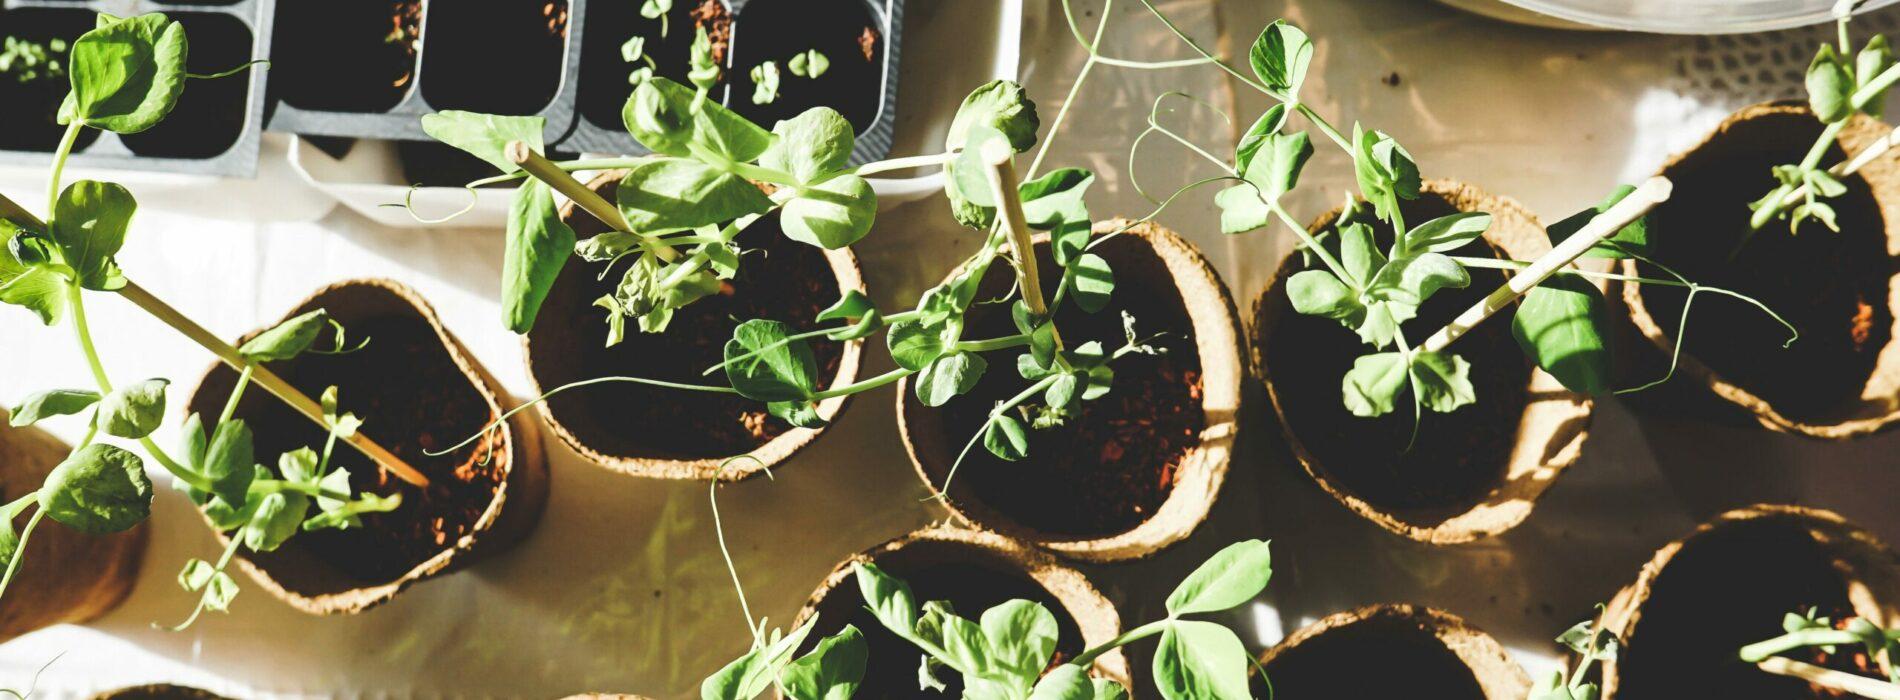 Etapy zakładania ogrodu od podstaw